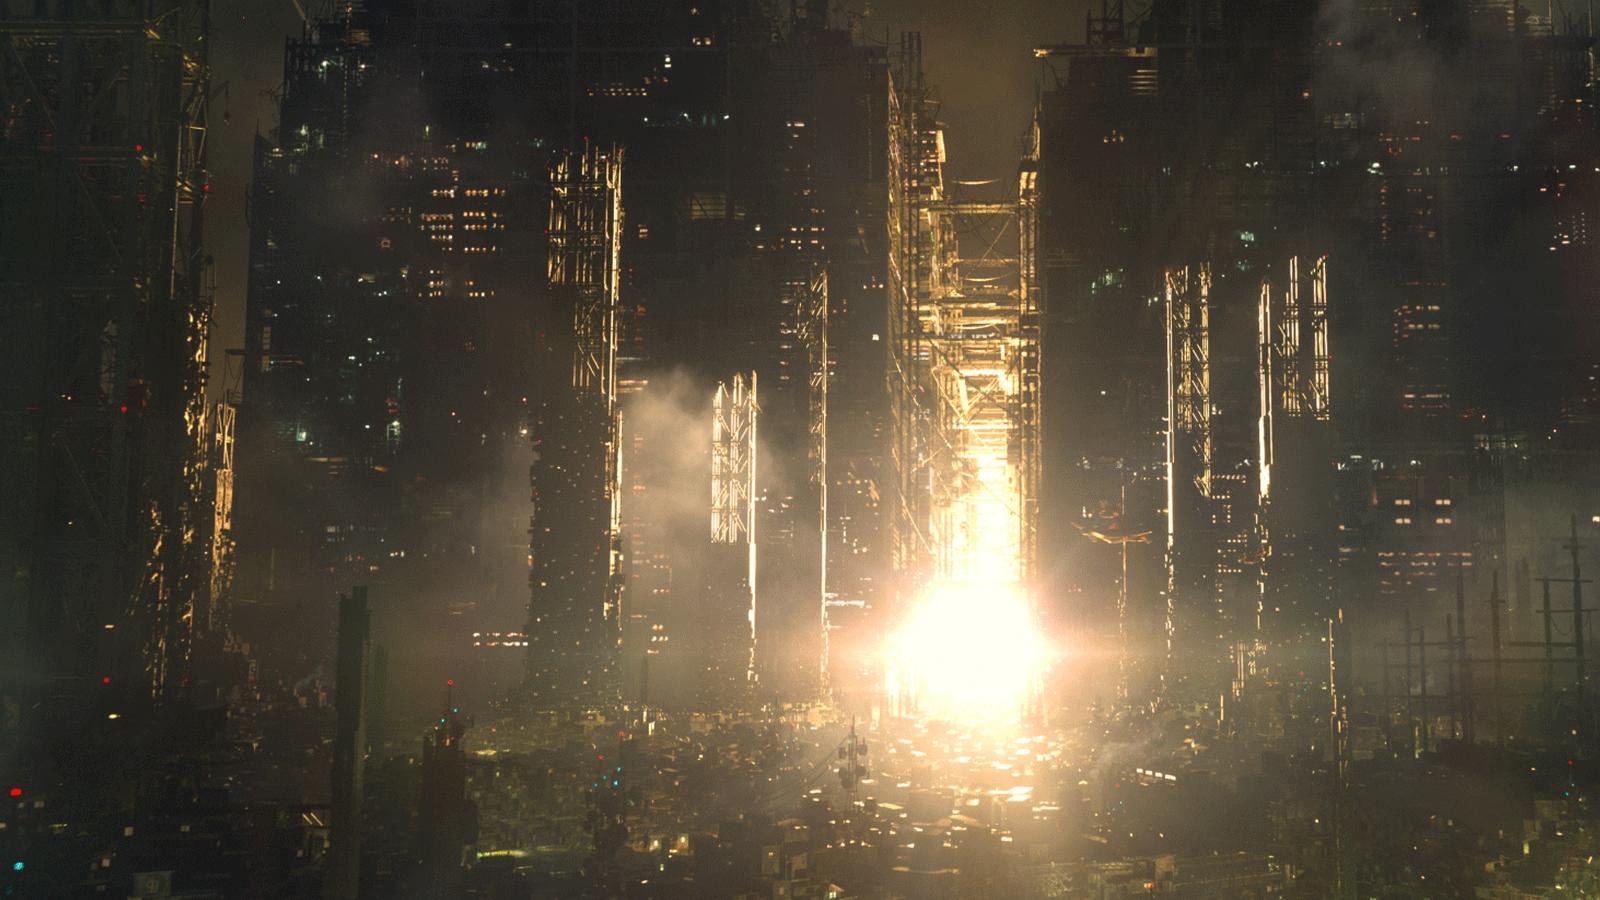 Deus Ex Mankind Divided environment render